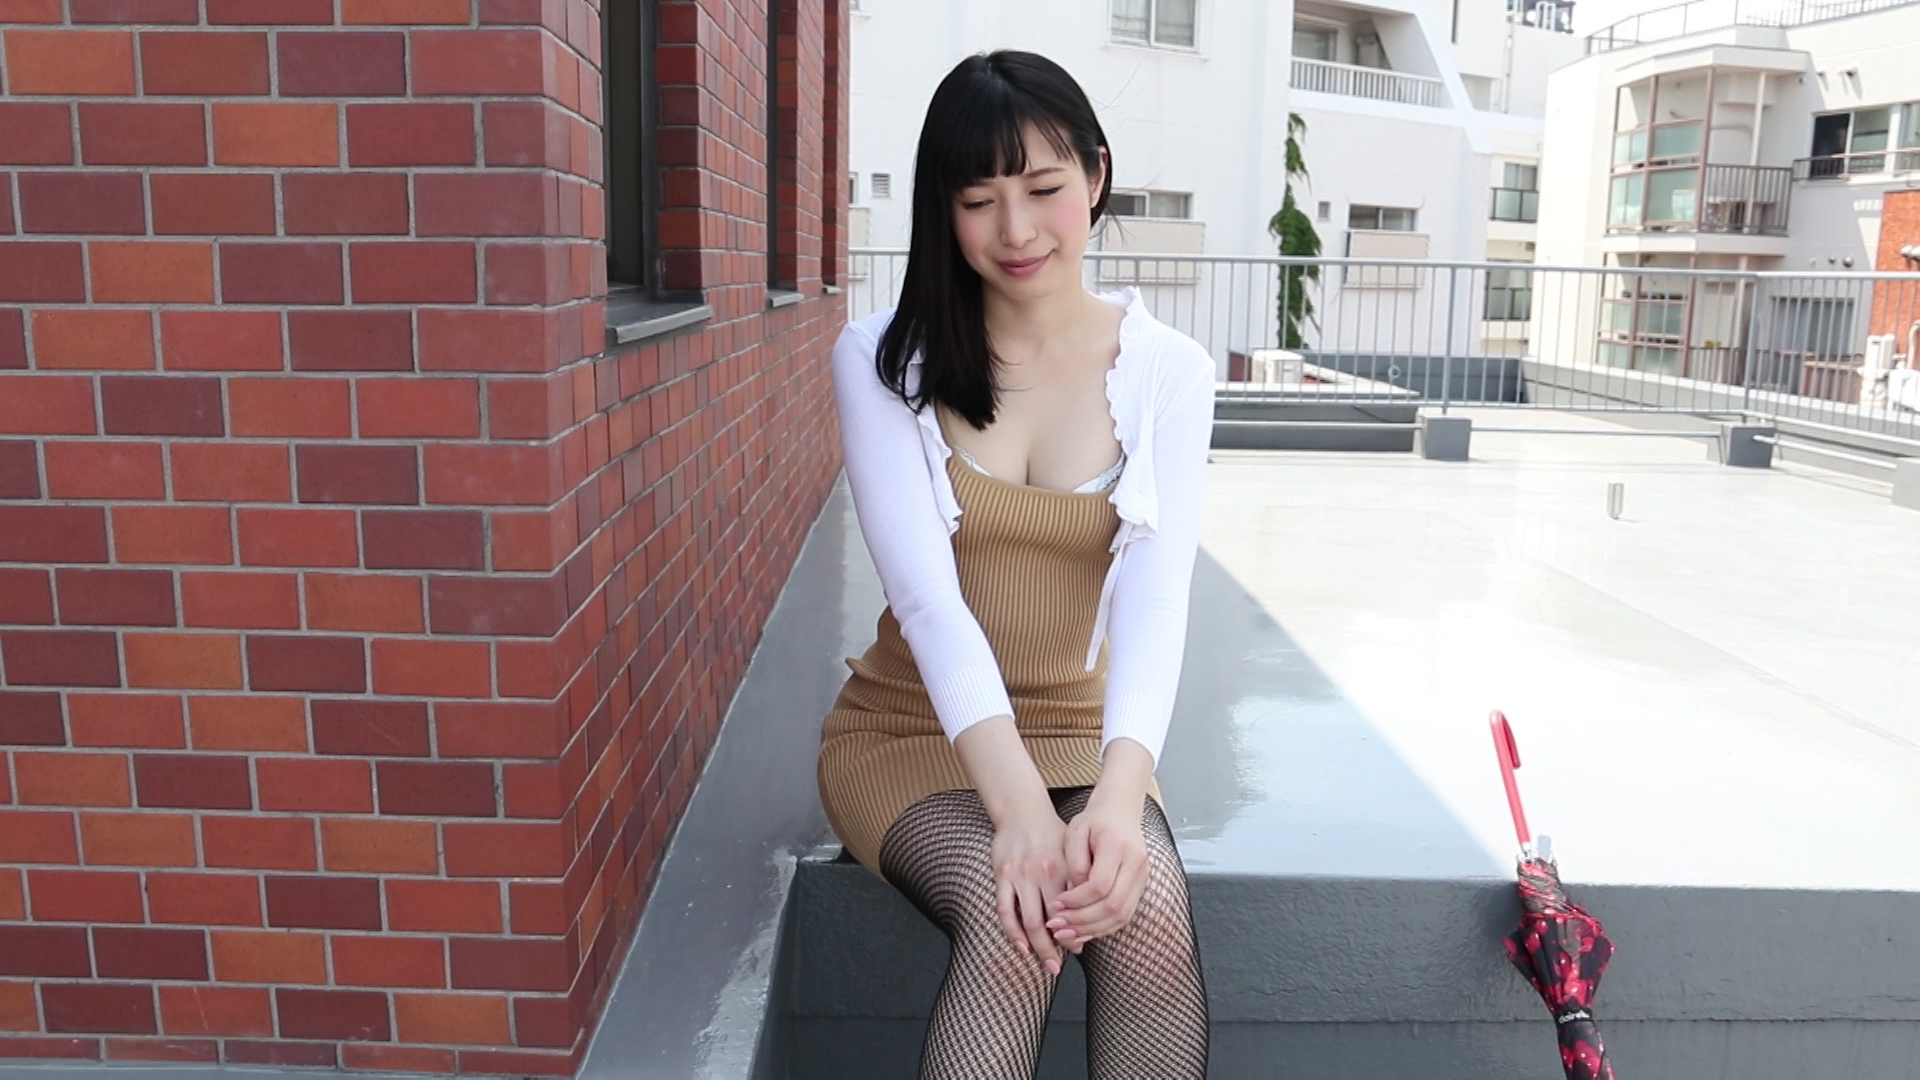 通りすがりのAV女優 中条カノン